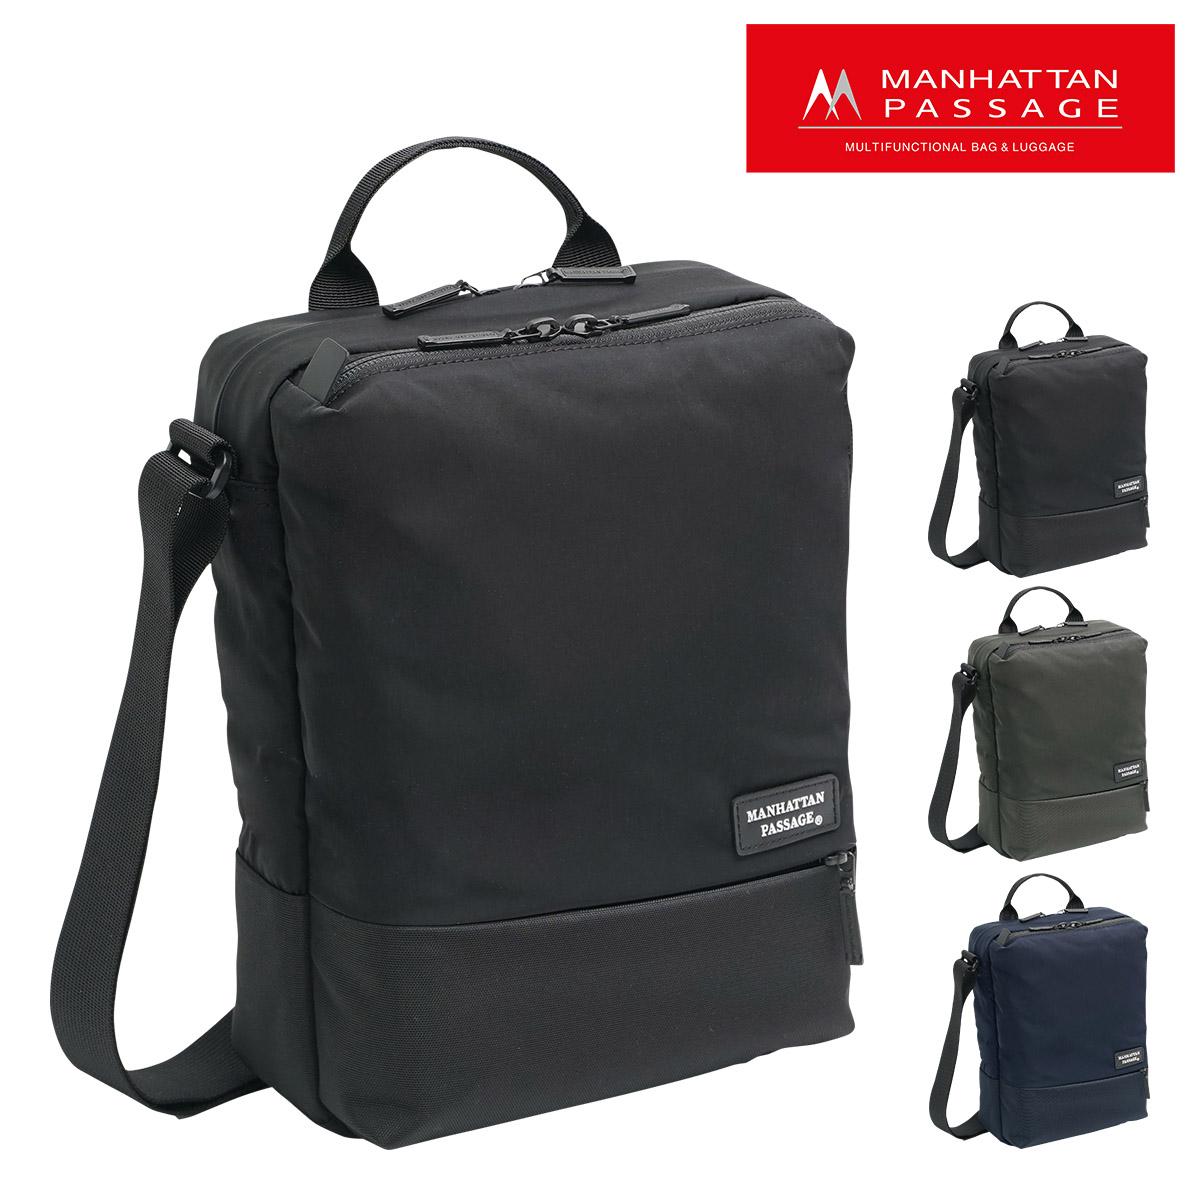 マンハッタンパッセージ ショルダーバッグ エスト 5365 MANHATTAN PASSAGE EST | ビジネスバッグ B4 防水通勤バッグ 高密度ナイロン